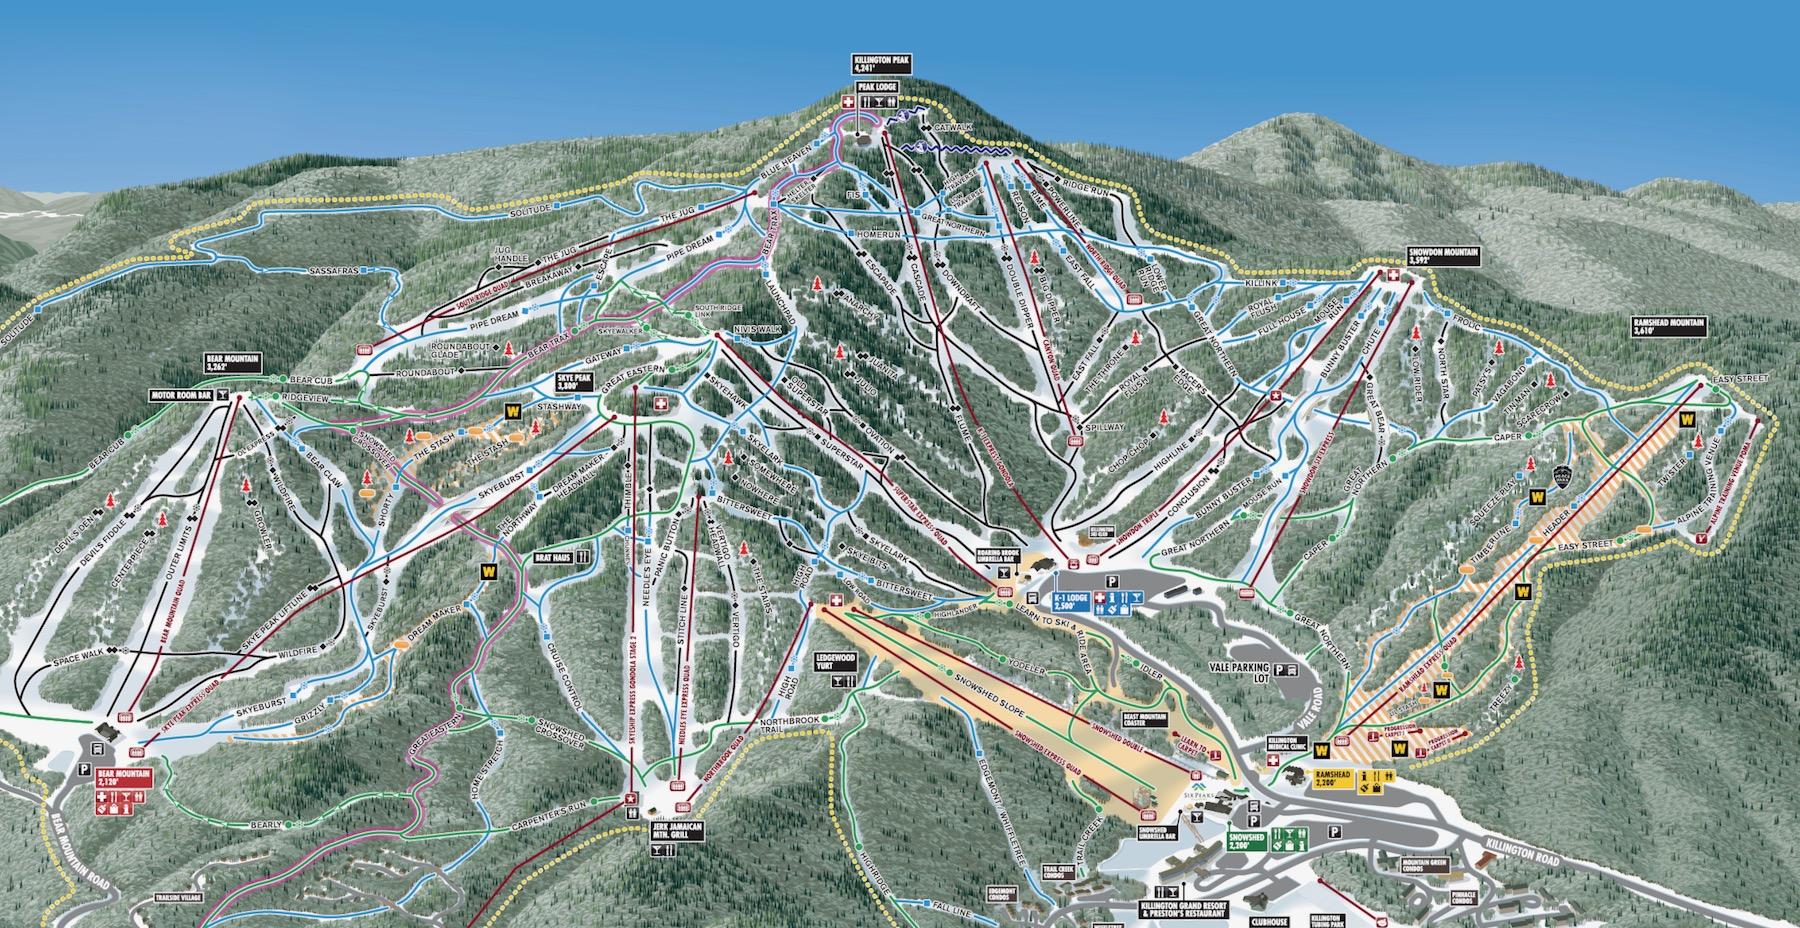 Killington trail map